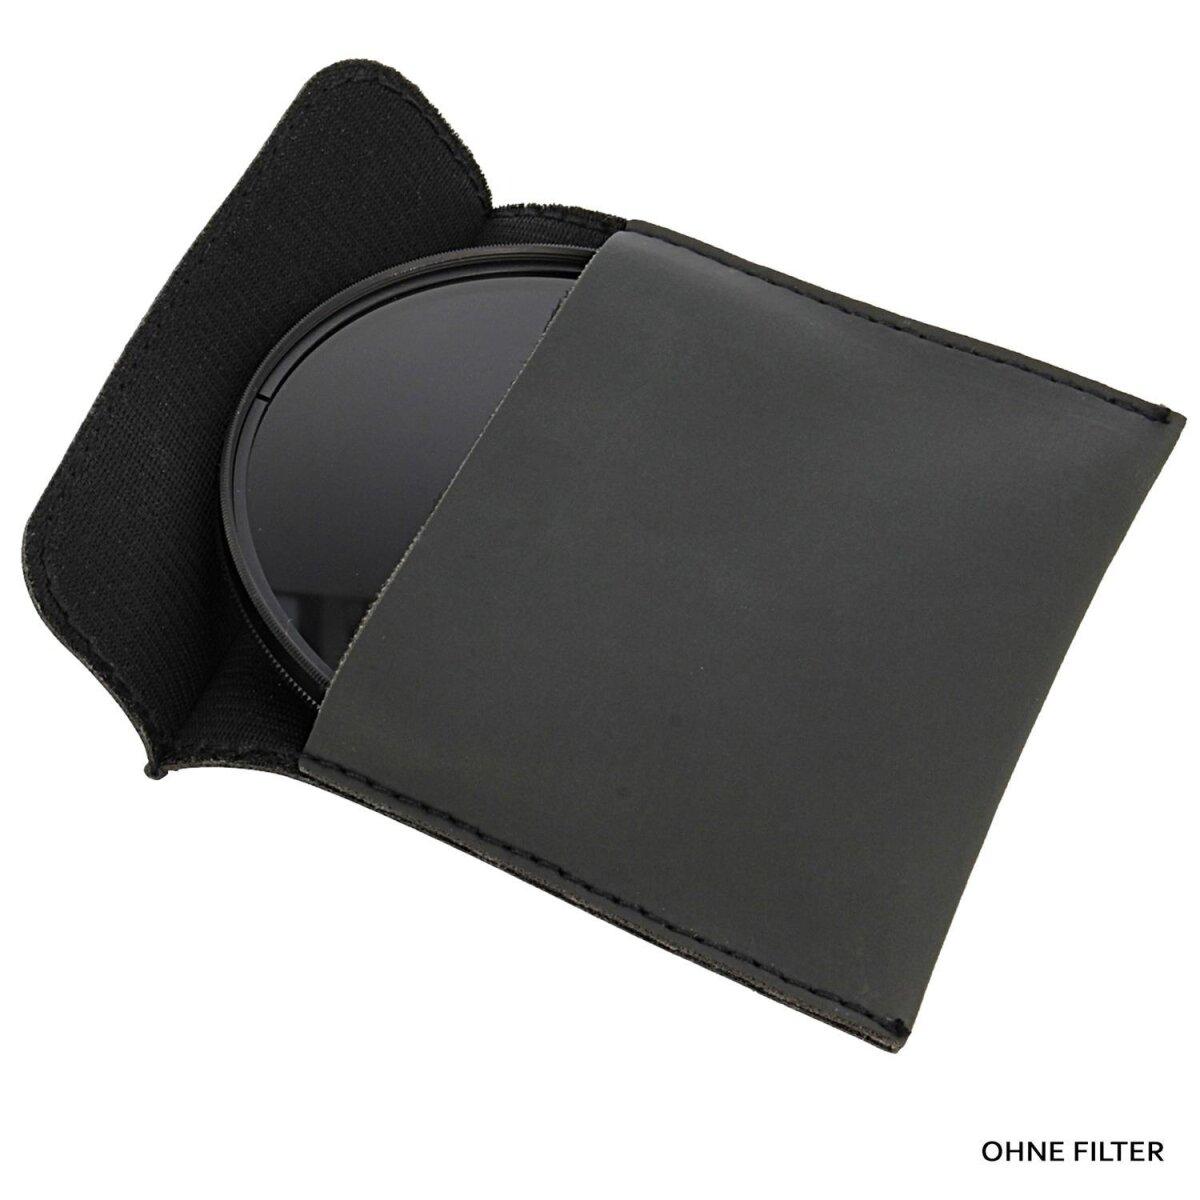 Minadax Objektivfilter Filtertasche Filteretui Größe S (100mm x 96mm) Schwarz für SLR, DSLR Kameras